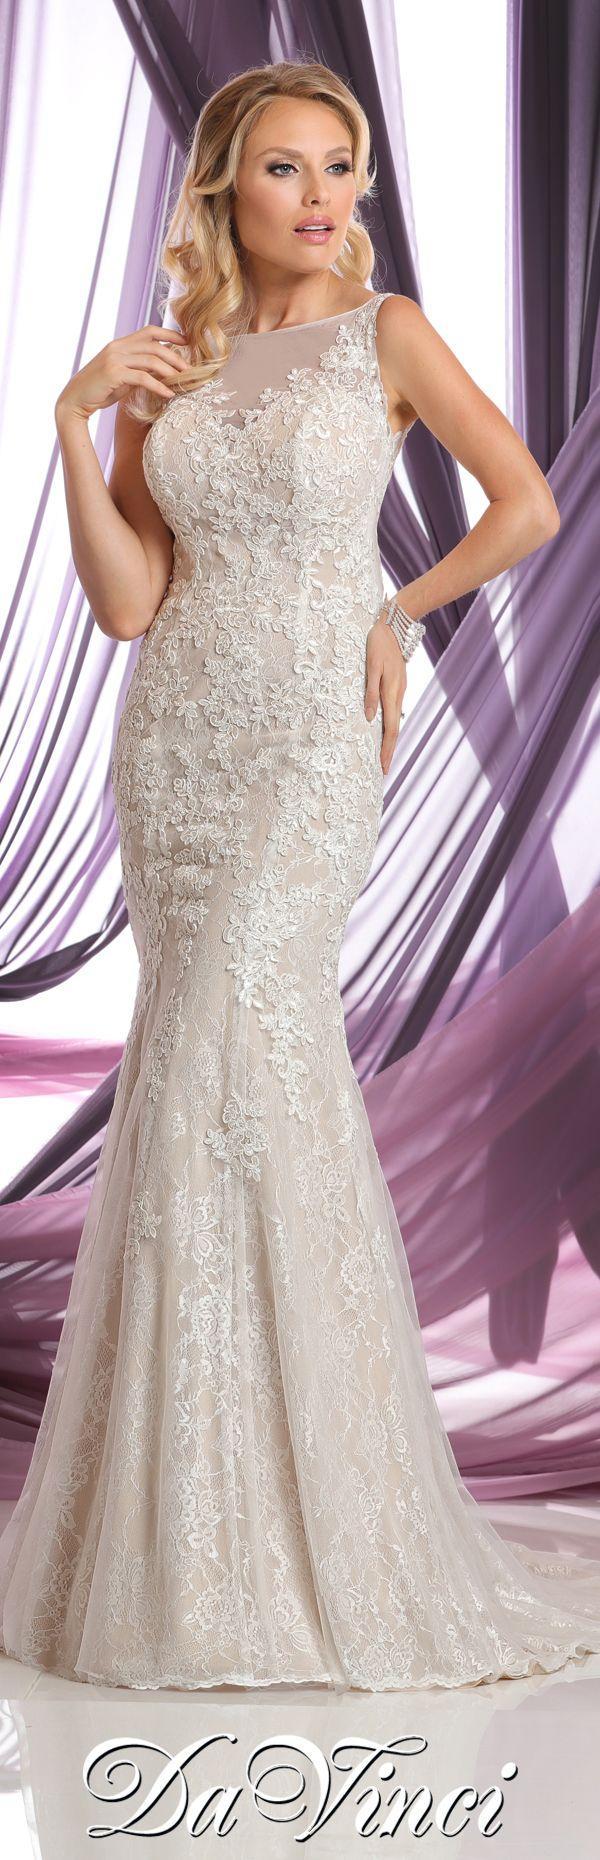 Hochzeit - DaVinci Bridal